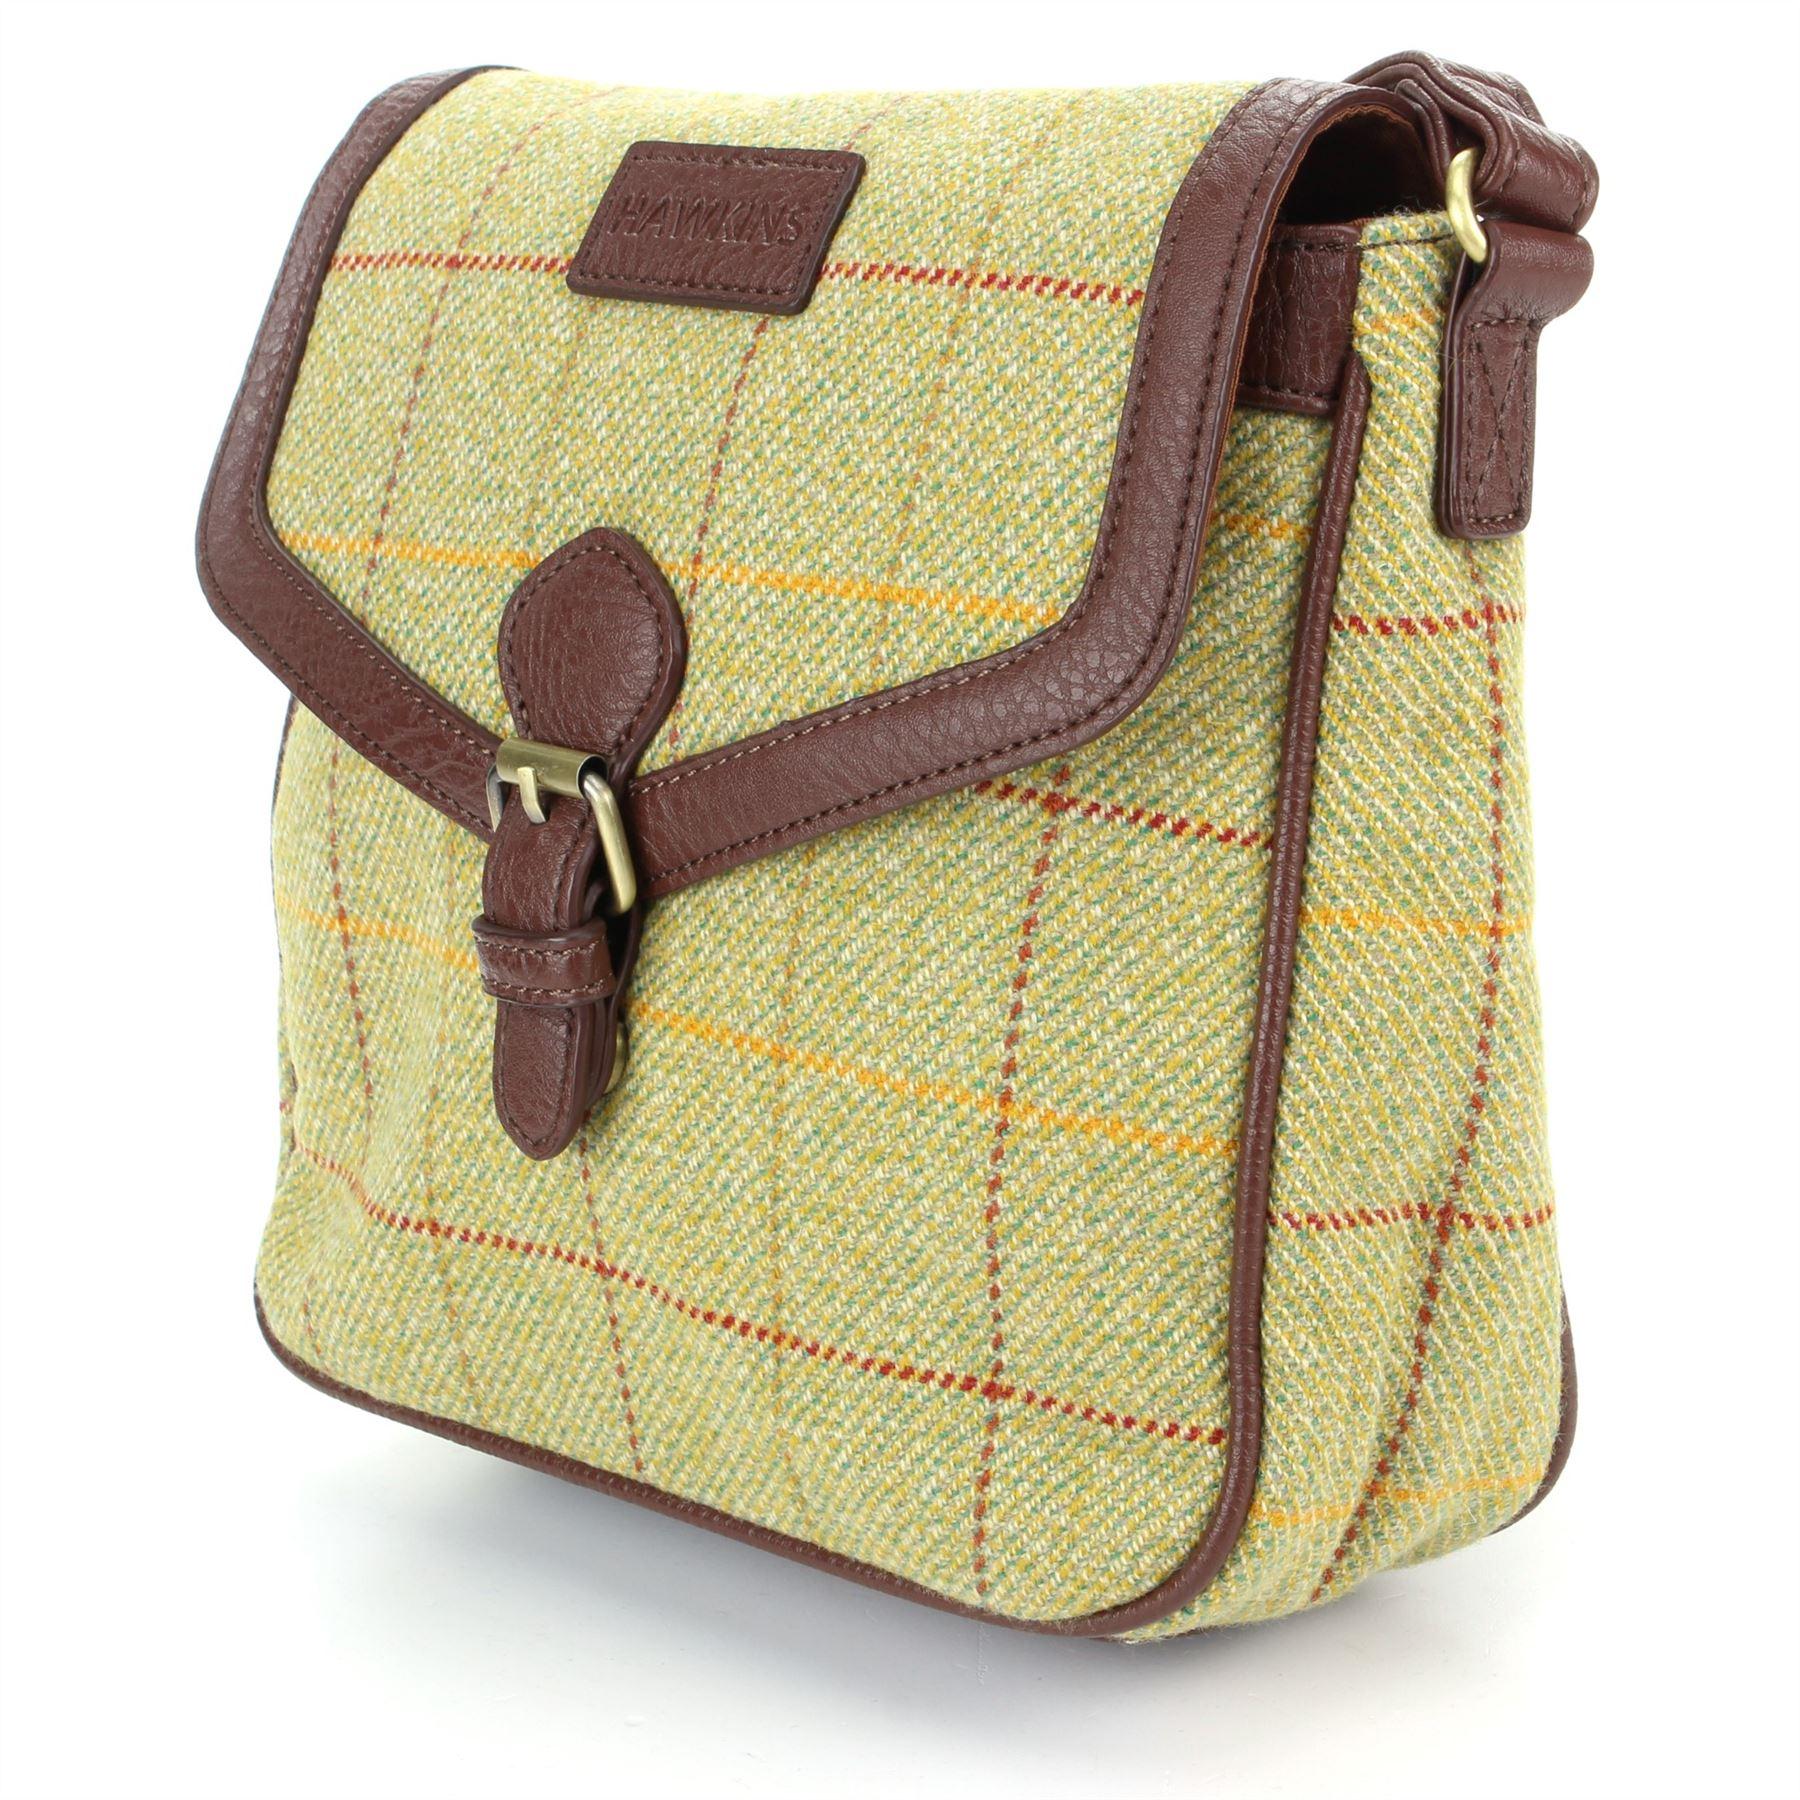 Tweed Wolle Grün Tasche Schultertasche Hawkins Umhängetasche 6wHq881n